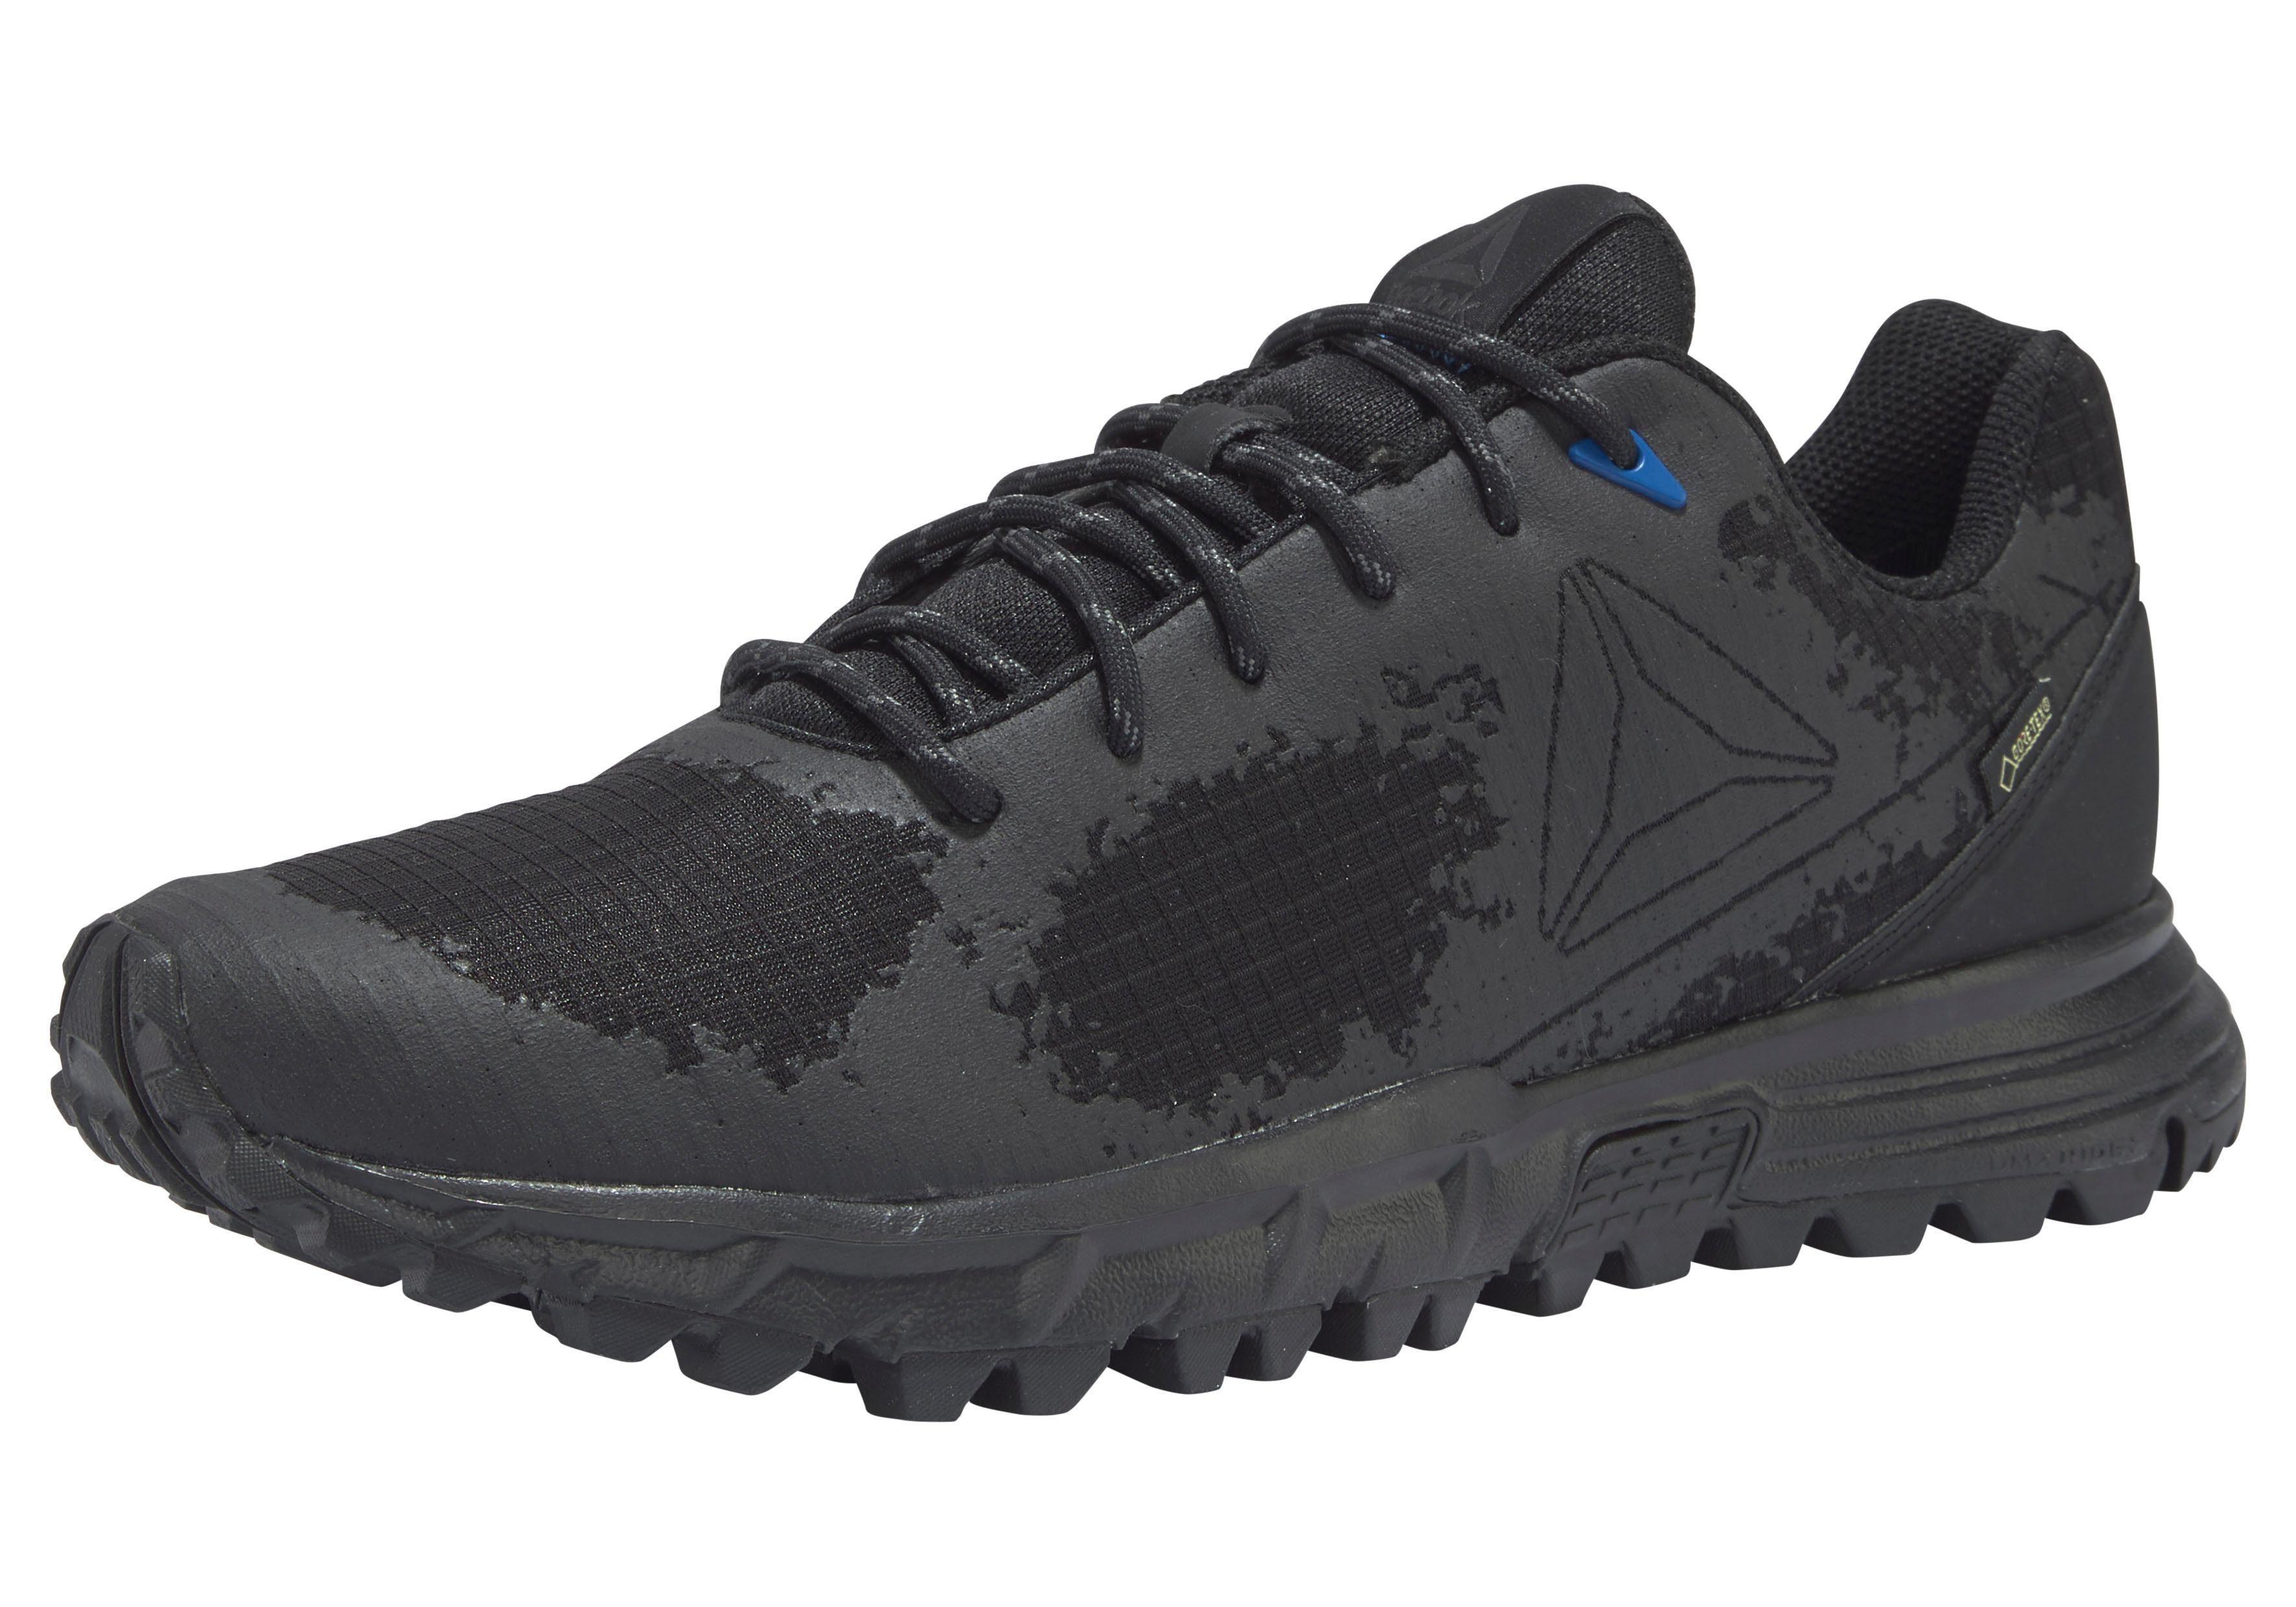 Reebok Sawcut GORE TEX Walkingschuh in Farbe schwarz um 46